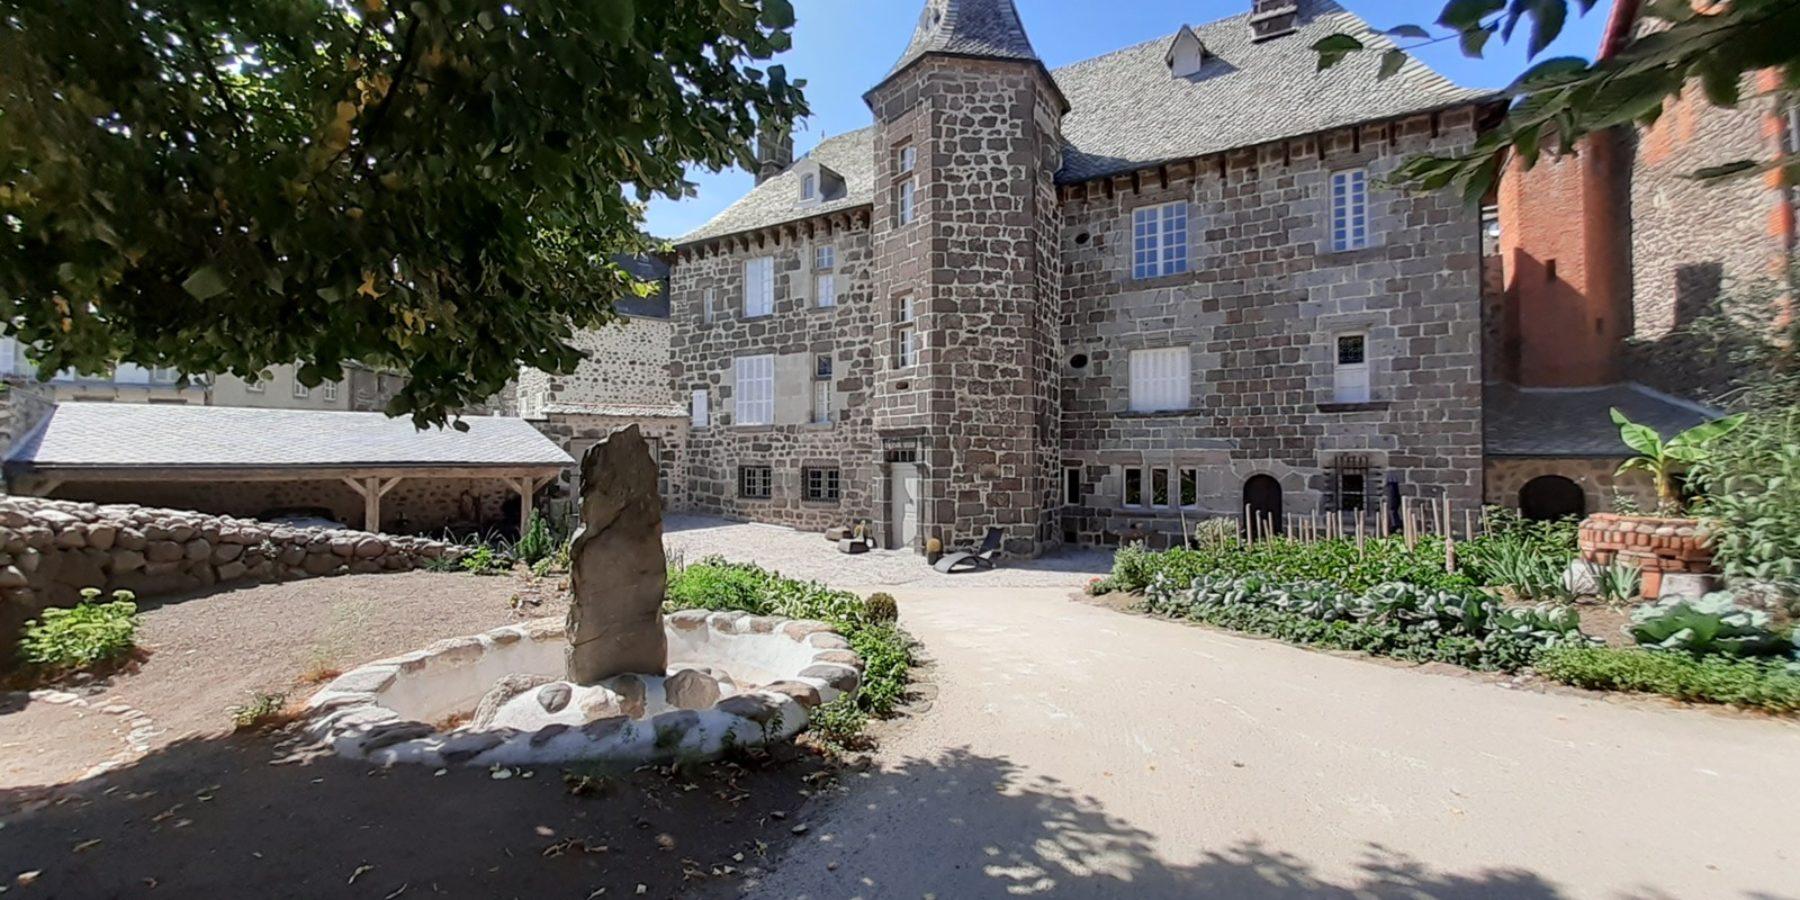 La Maison du Chevalier des Huttes (Auvergne, Cantal, France) à Vic sur Cère accueille désormais ses hôtes dans un parc - jardin original de 1000 m2. C'est aussi une habitation d'exception pour des hôtes recherchant le confort, une gastronomie saine et gourmande, et la qualité humaine de l'accueil.